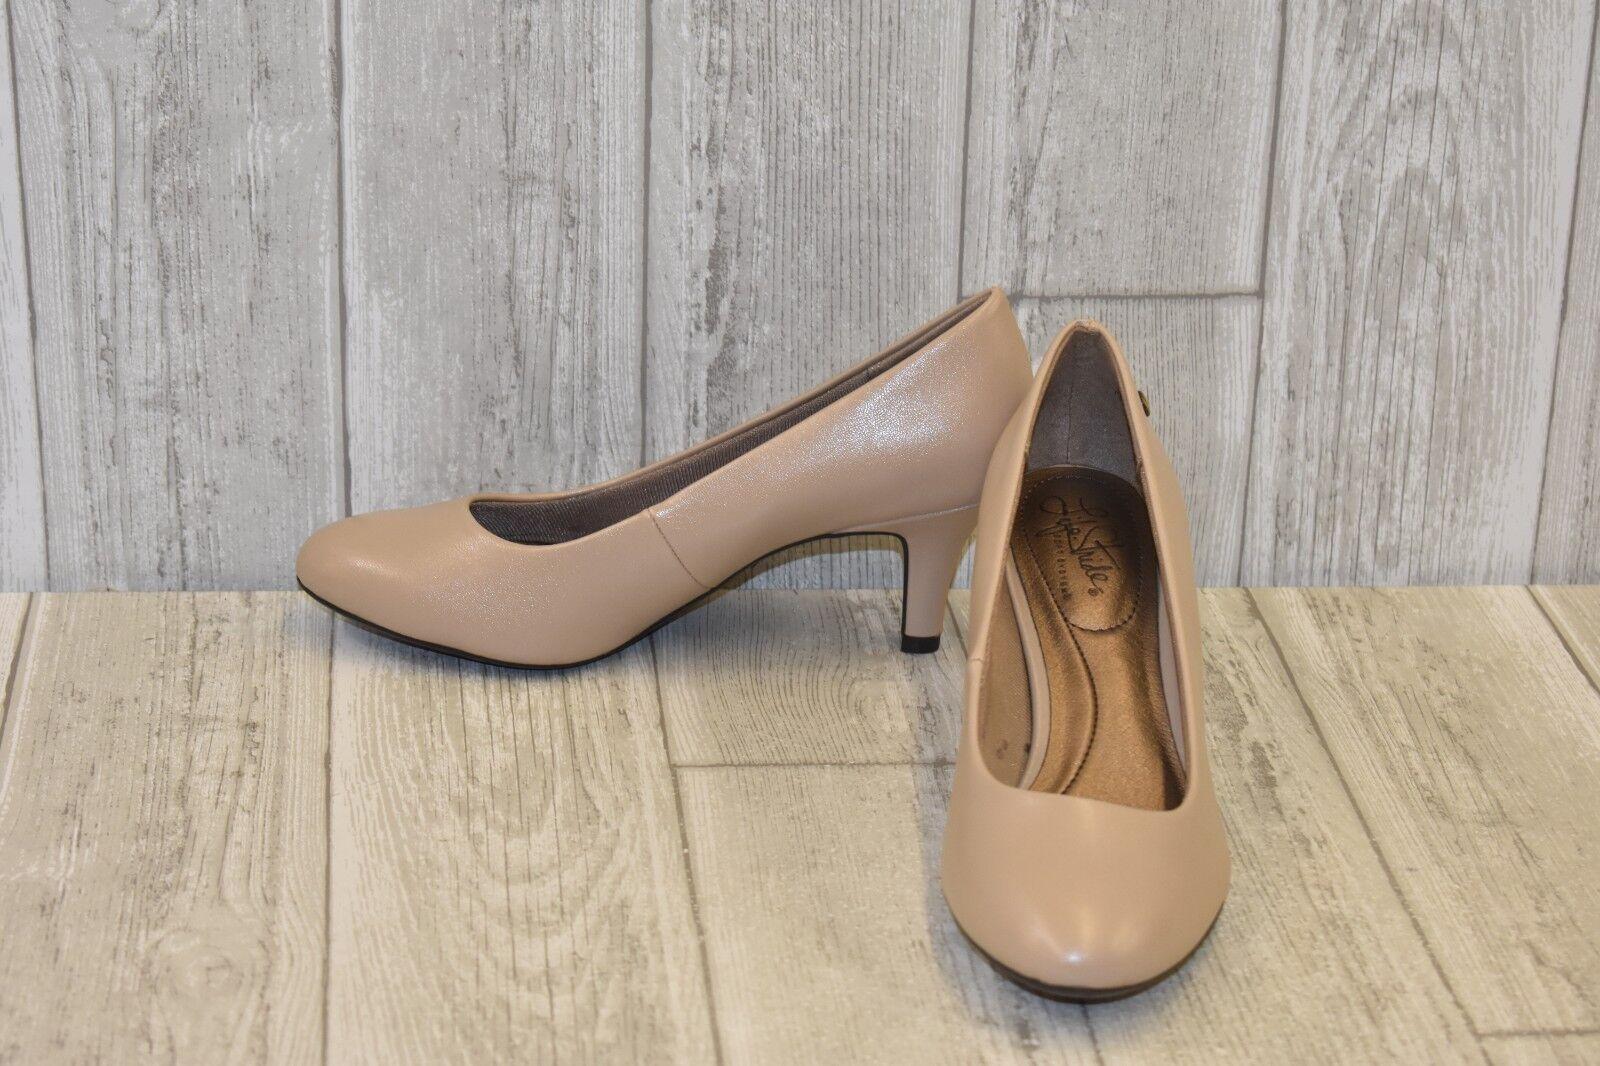 LifeStride Pargi Heels - Women's Size 7.5 M - Taupe Vinci